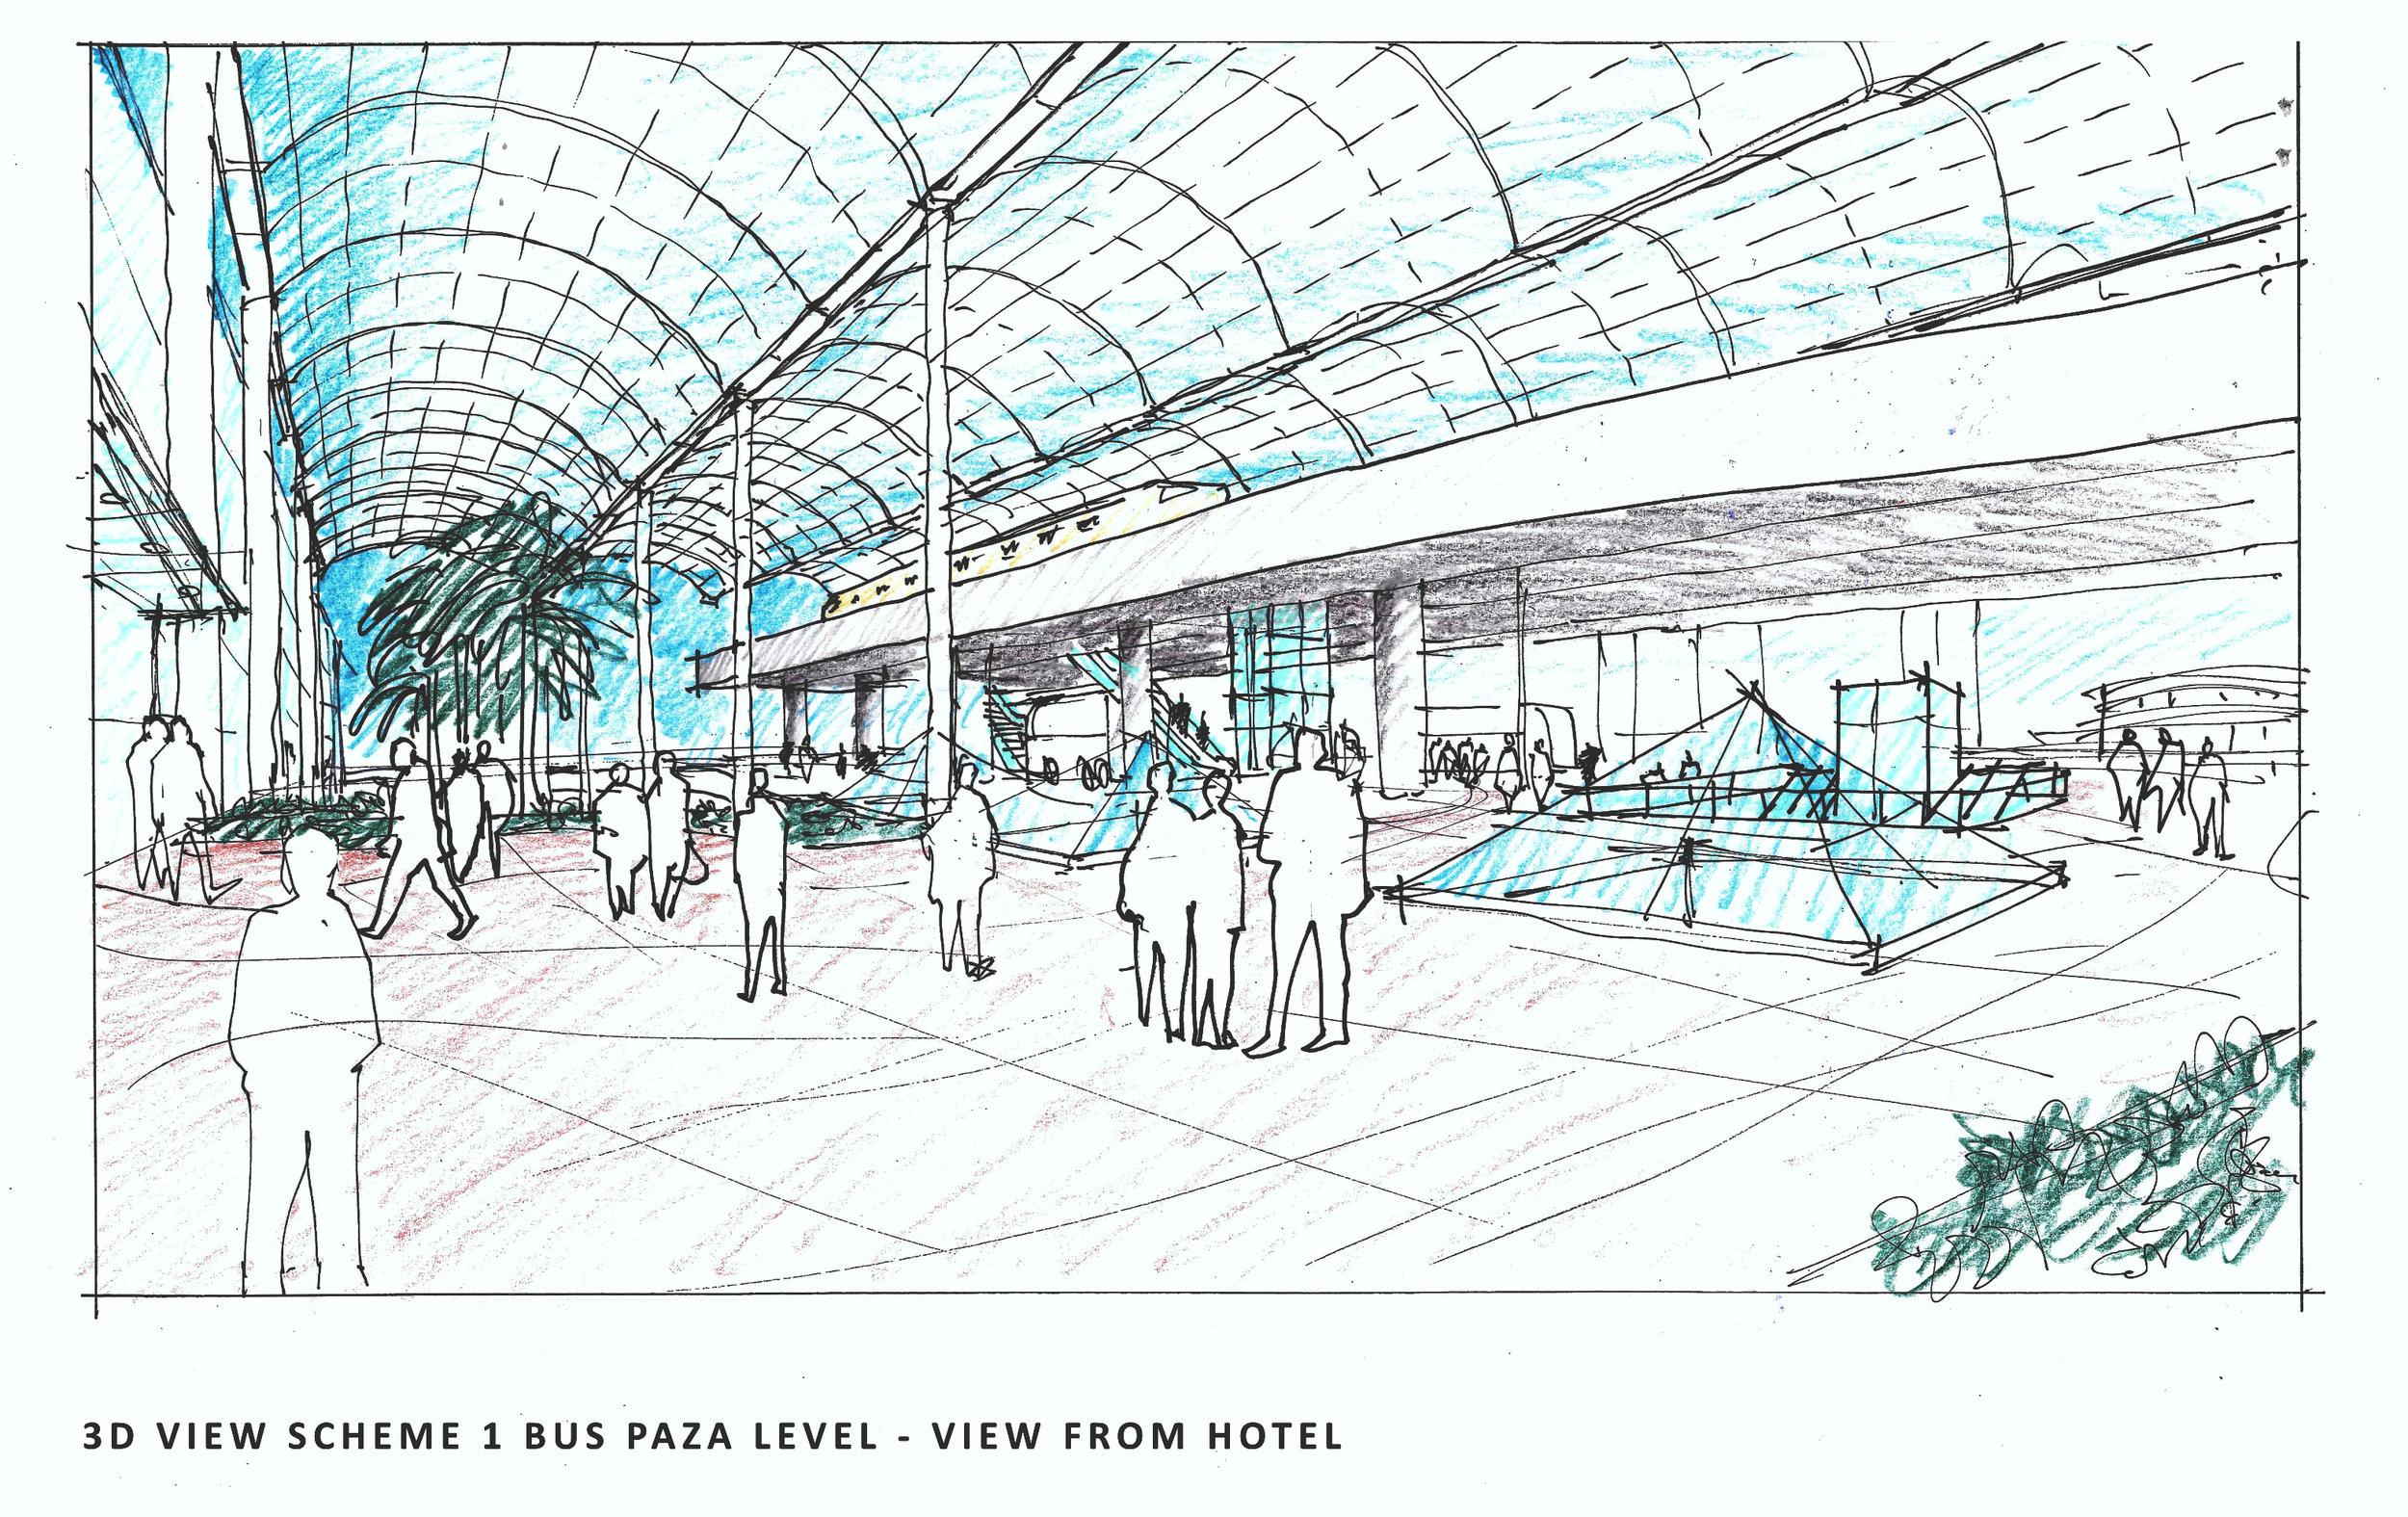 3d view scheme 1_bus plaza level_edited.jpg